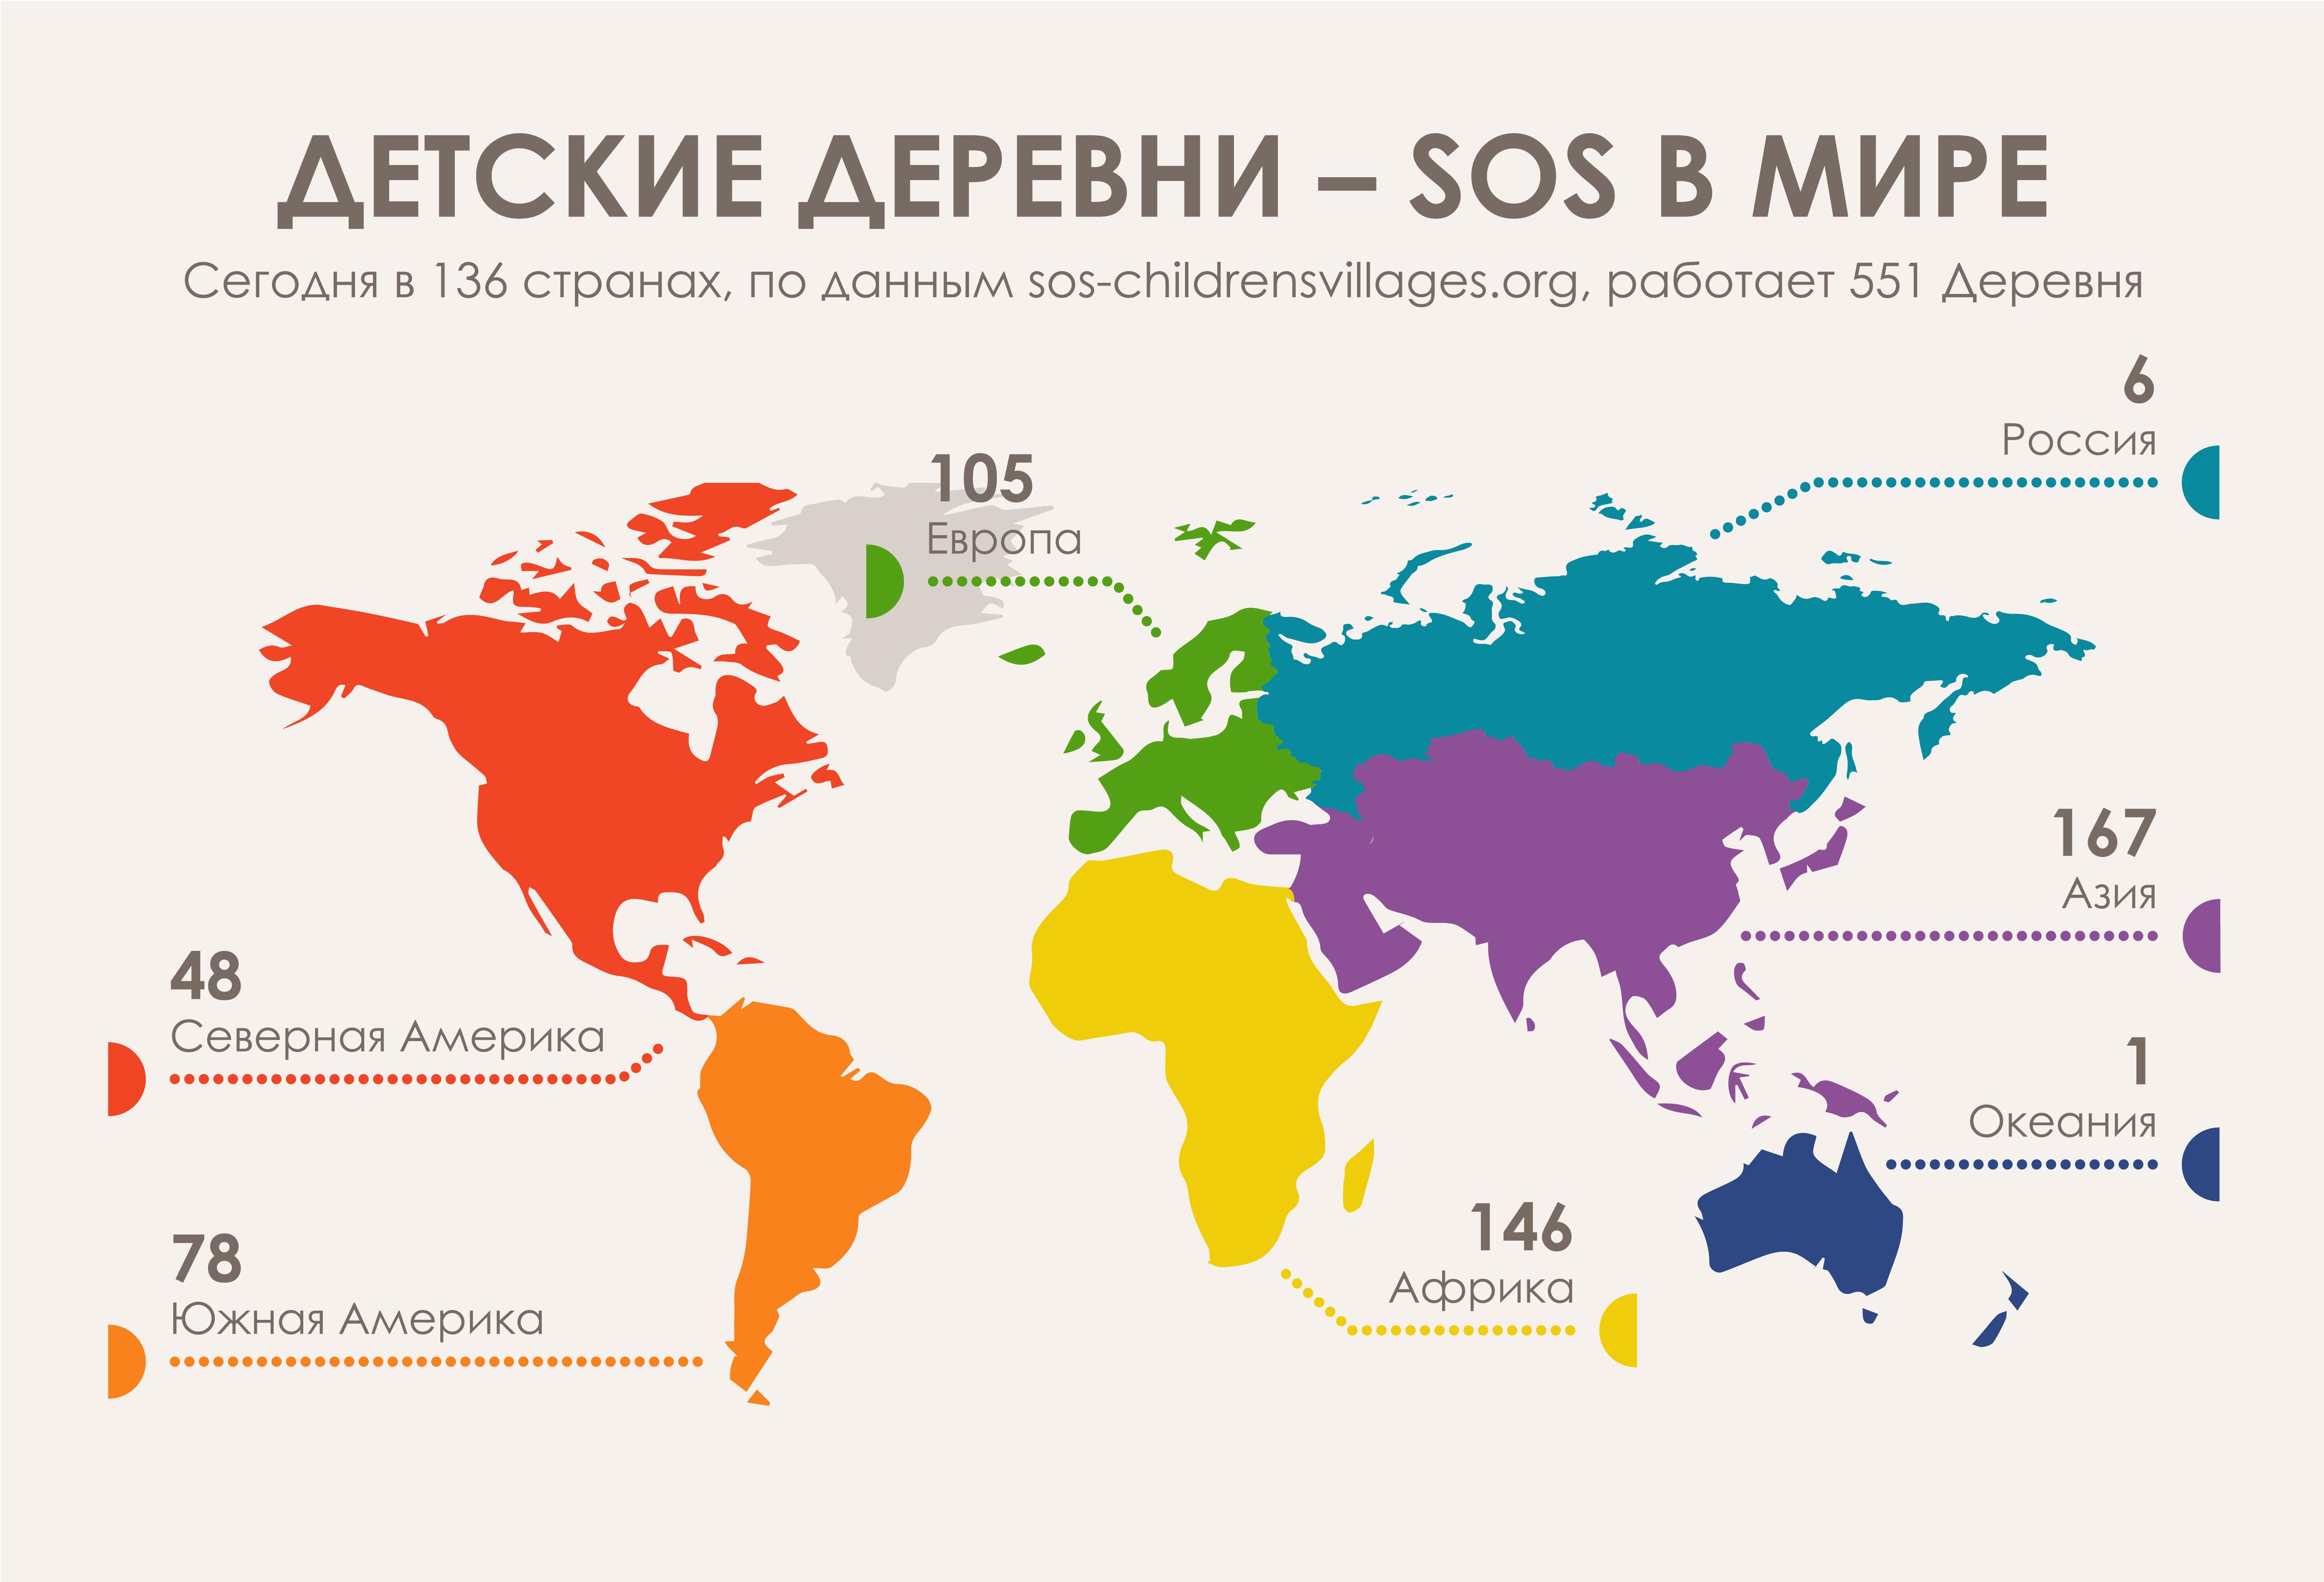 инфографика, детские деревни сос, sos, сироты